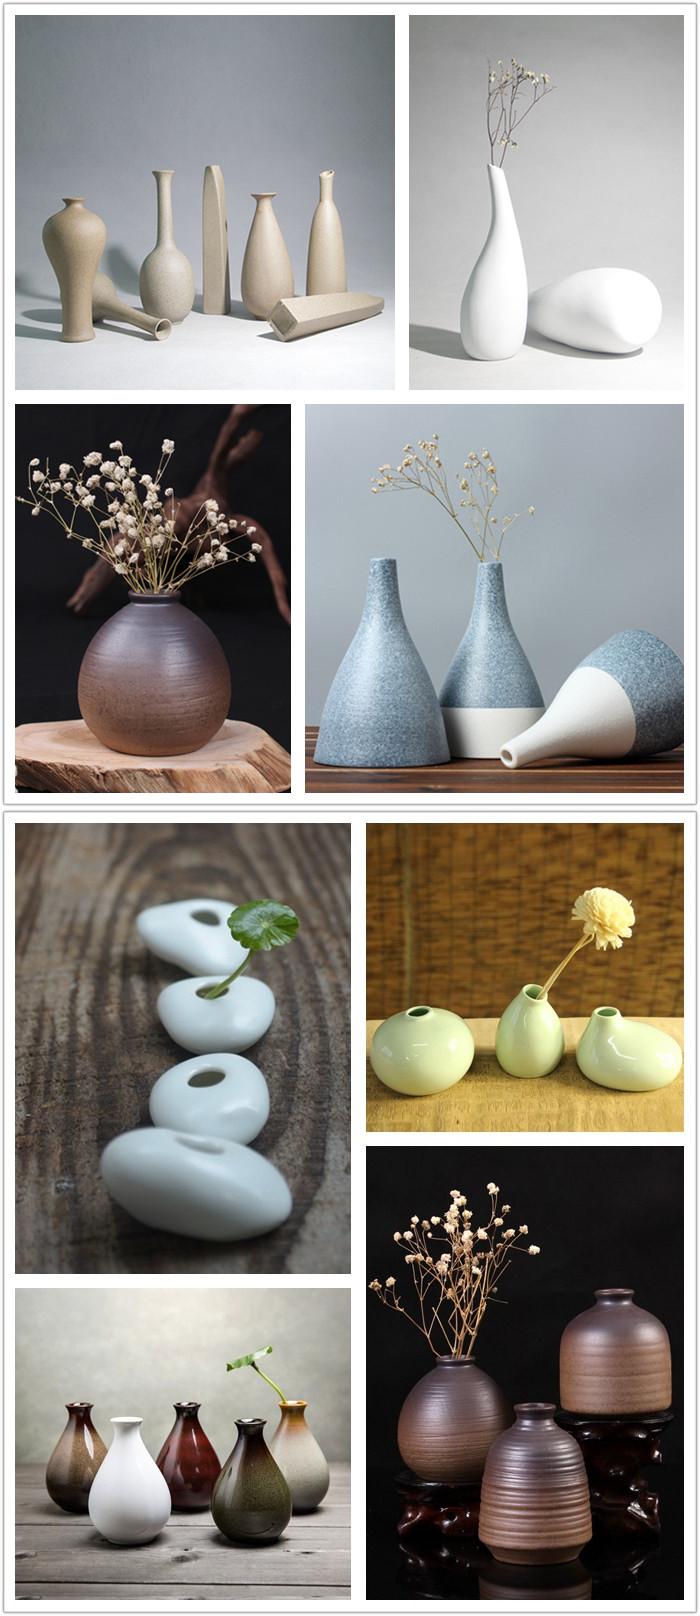 Zakkz глазурью керамические вазы украшения ручной работы Aroma Бутылка цветов подарок гончарного декора - фото fe5ee221-0f87-4098-bde8-88929f981807.jpg